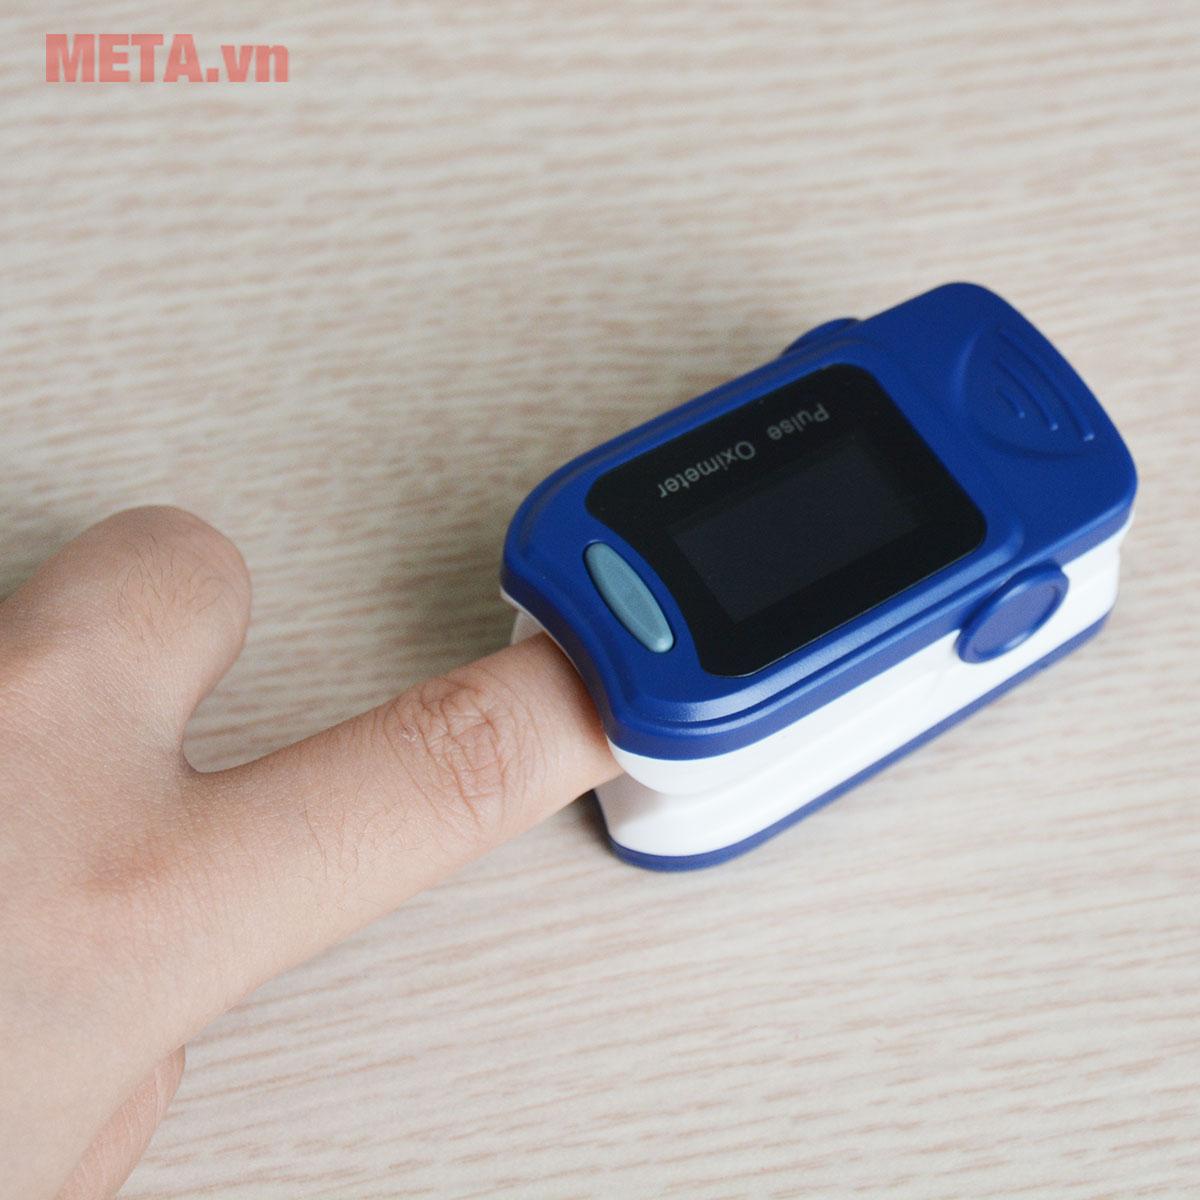 Sử dụng máy đo nhịp tim